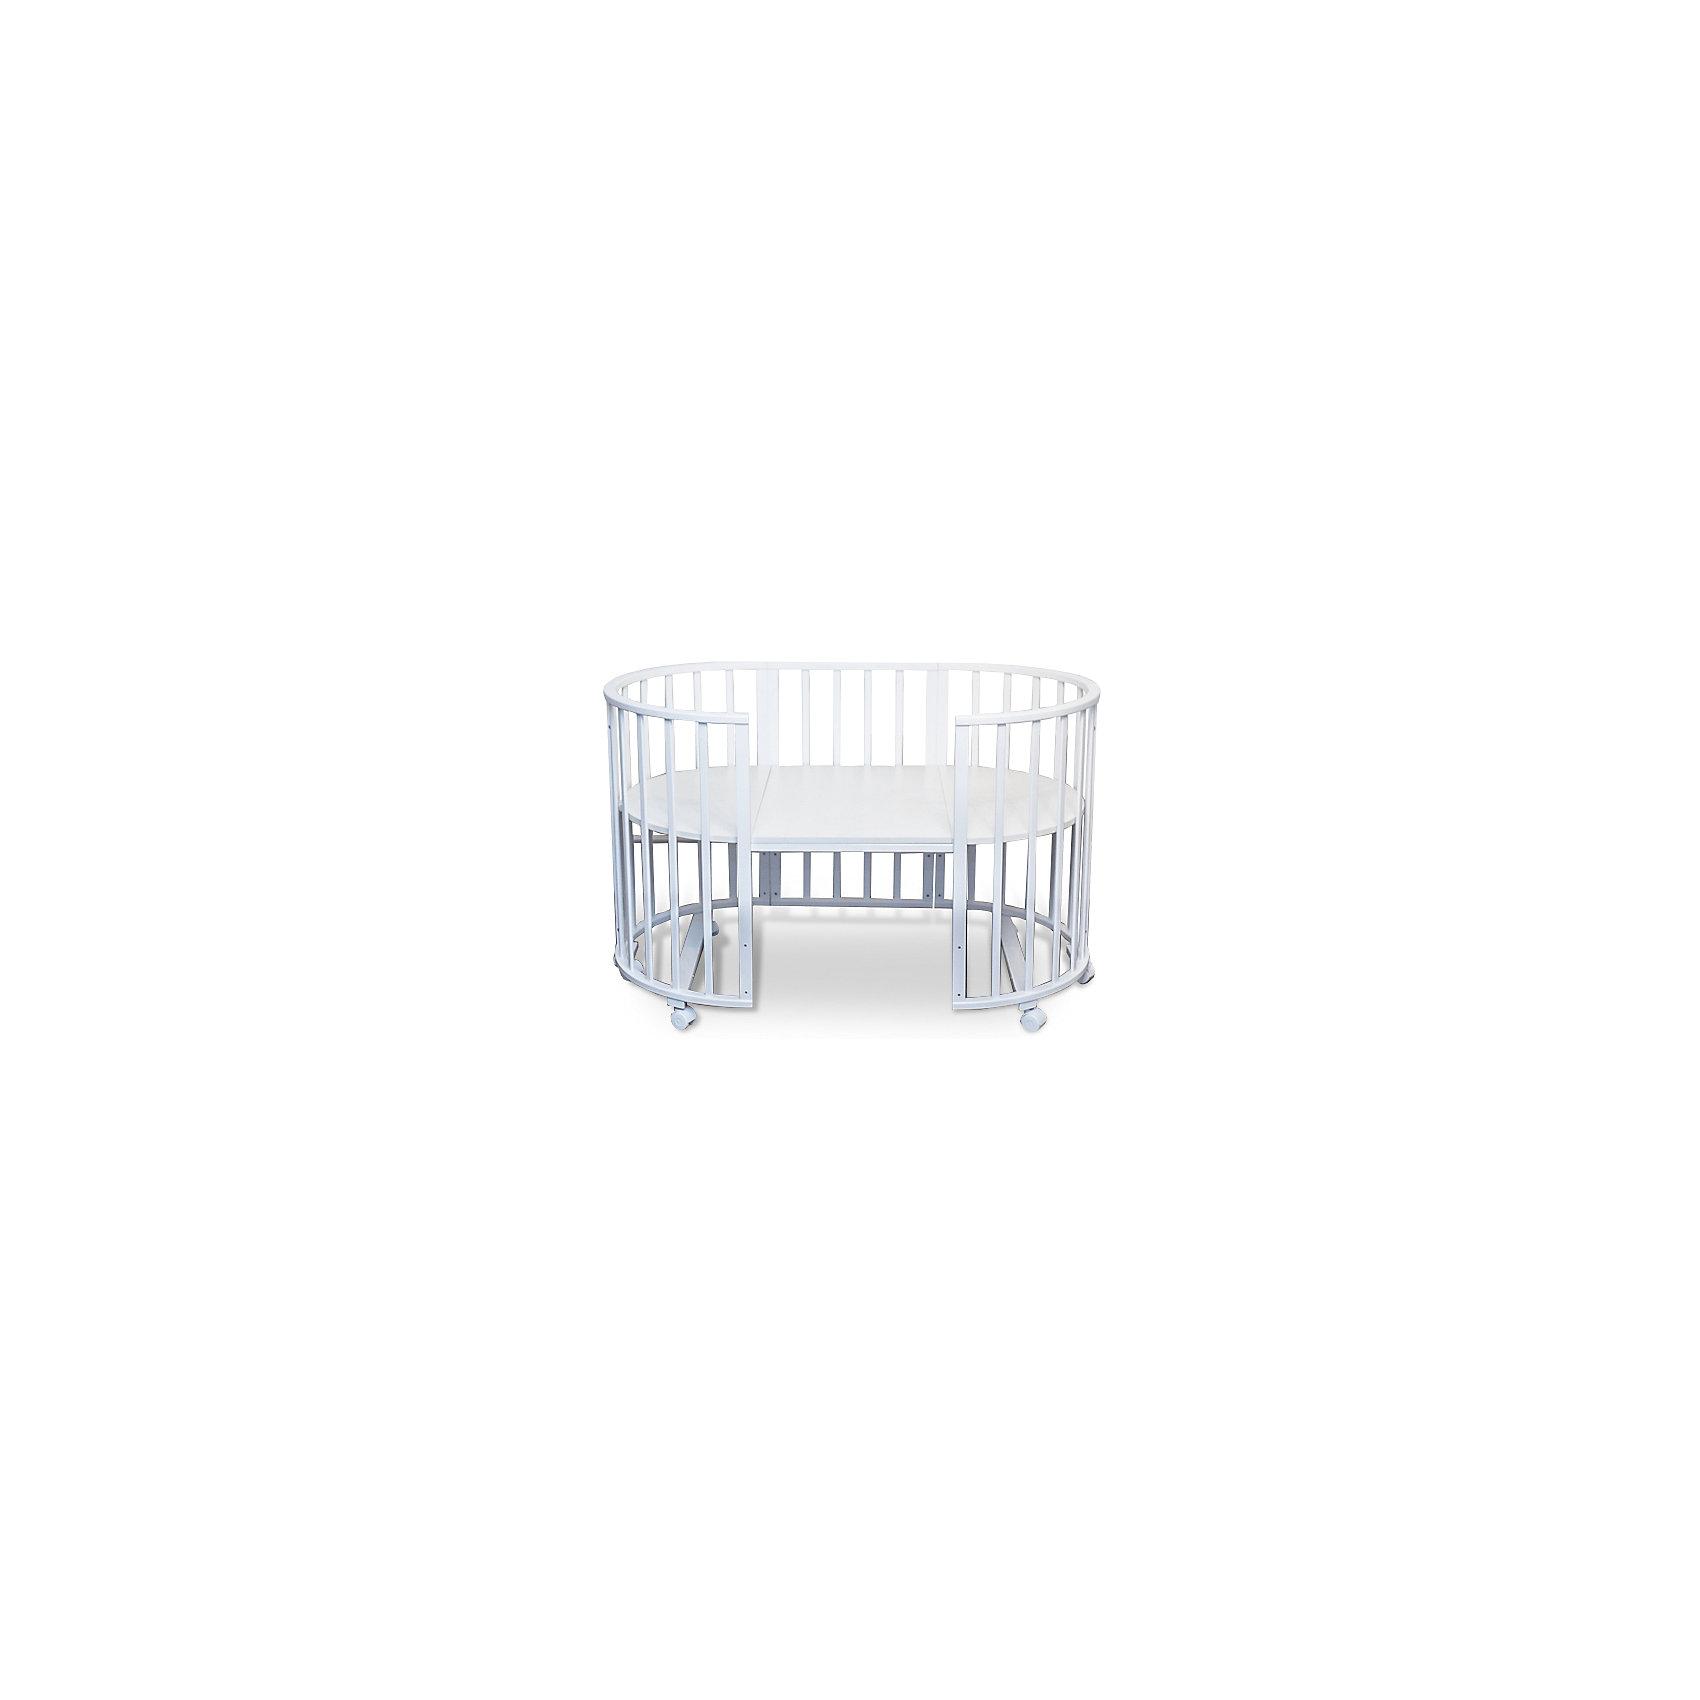 Кроватка-трансформер Sweet Baby Delizia Bianco без маятника, белыйКроватки<br>Характеристики товара:<br><br>• цвет: белый<br>• материал: дерево (береза)<br>• тип: трансформер 6 в 1<br>• съёмные колеса<br>• размер спального места: 120х60 см<br>• 2 уровня ложа<br>• размер (ШхДхВ): 75х125х85 см<br><br>Кроватка-трансформер Delizia будет расти сместе с малышом. Кроватка не имеет острых углов.<br><br>Два уровня ложа позволяют менять глубину кроватки по мере роста малыша, опускаемая планка поможет без труда дотянуться до малыша в кроватке.<br><br>Расстояние между рейками не дает возможность ребенку застрять между ними во время сна.<br><br>Кроватки для новорожденных SweetBaby обрабатываются нетоксичными лаками и красками, абсолютно безвредными для ребенка.<br><br>Варианты сборки:<br>• Круглая люлька (спальное место: диаметр 75см)<br>• Высота от пола до верхнего края - 85 см<br>• Овальная детская кровать (спальное место: 125х75см)<br>• Овальный диван.<br>• Манеж круглый или овальный.<br>• Стул и столик.<br><br>Кроватку-трансформер Delizia Bianco, Sweet Baby можно купить в нашем интернет-магазине.<br><br>Ширина мм: 600<br>Глубина мм: 350<br>Высота мм: 800<br>Вес г: 23100<br>Возраст от месяцев: 0<br>Возраст до месяцев: 36<br>Пол: Унисекс<br>Возраст: Детский<br>SKU: 5583555